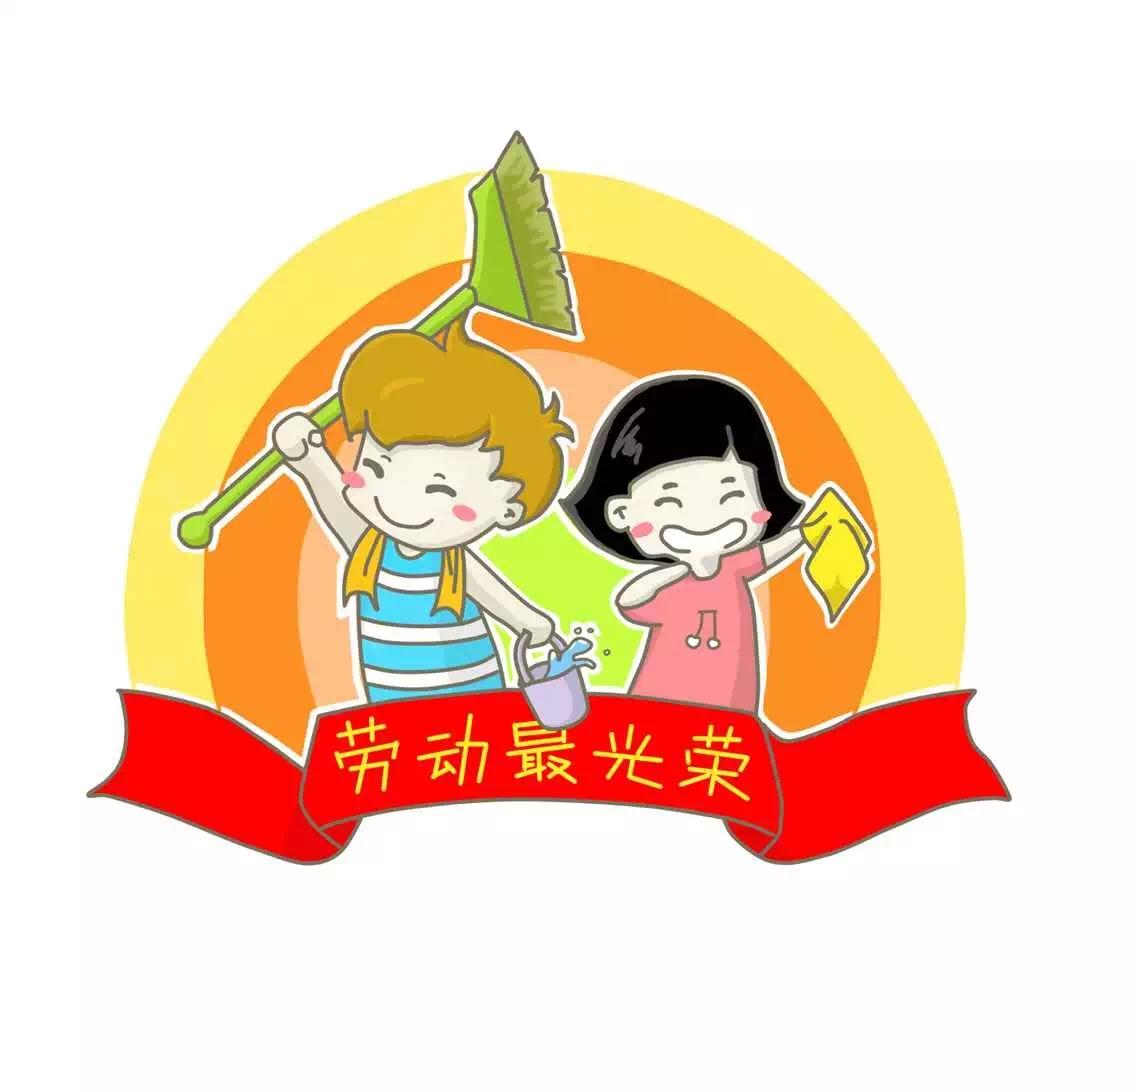 """中國科學院幼兒園""""五一""""假期安全溫馨提示"""